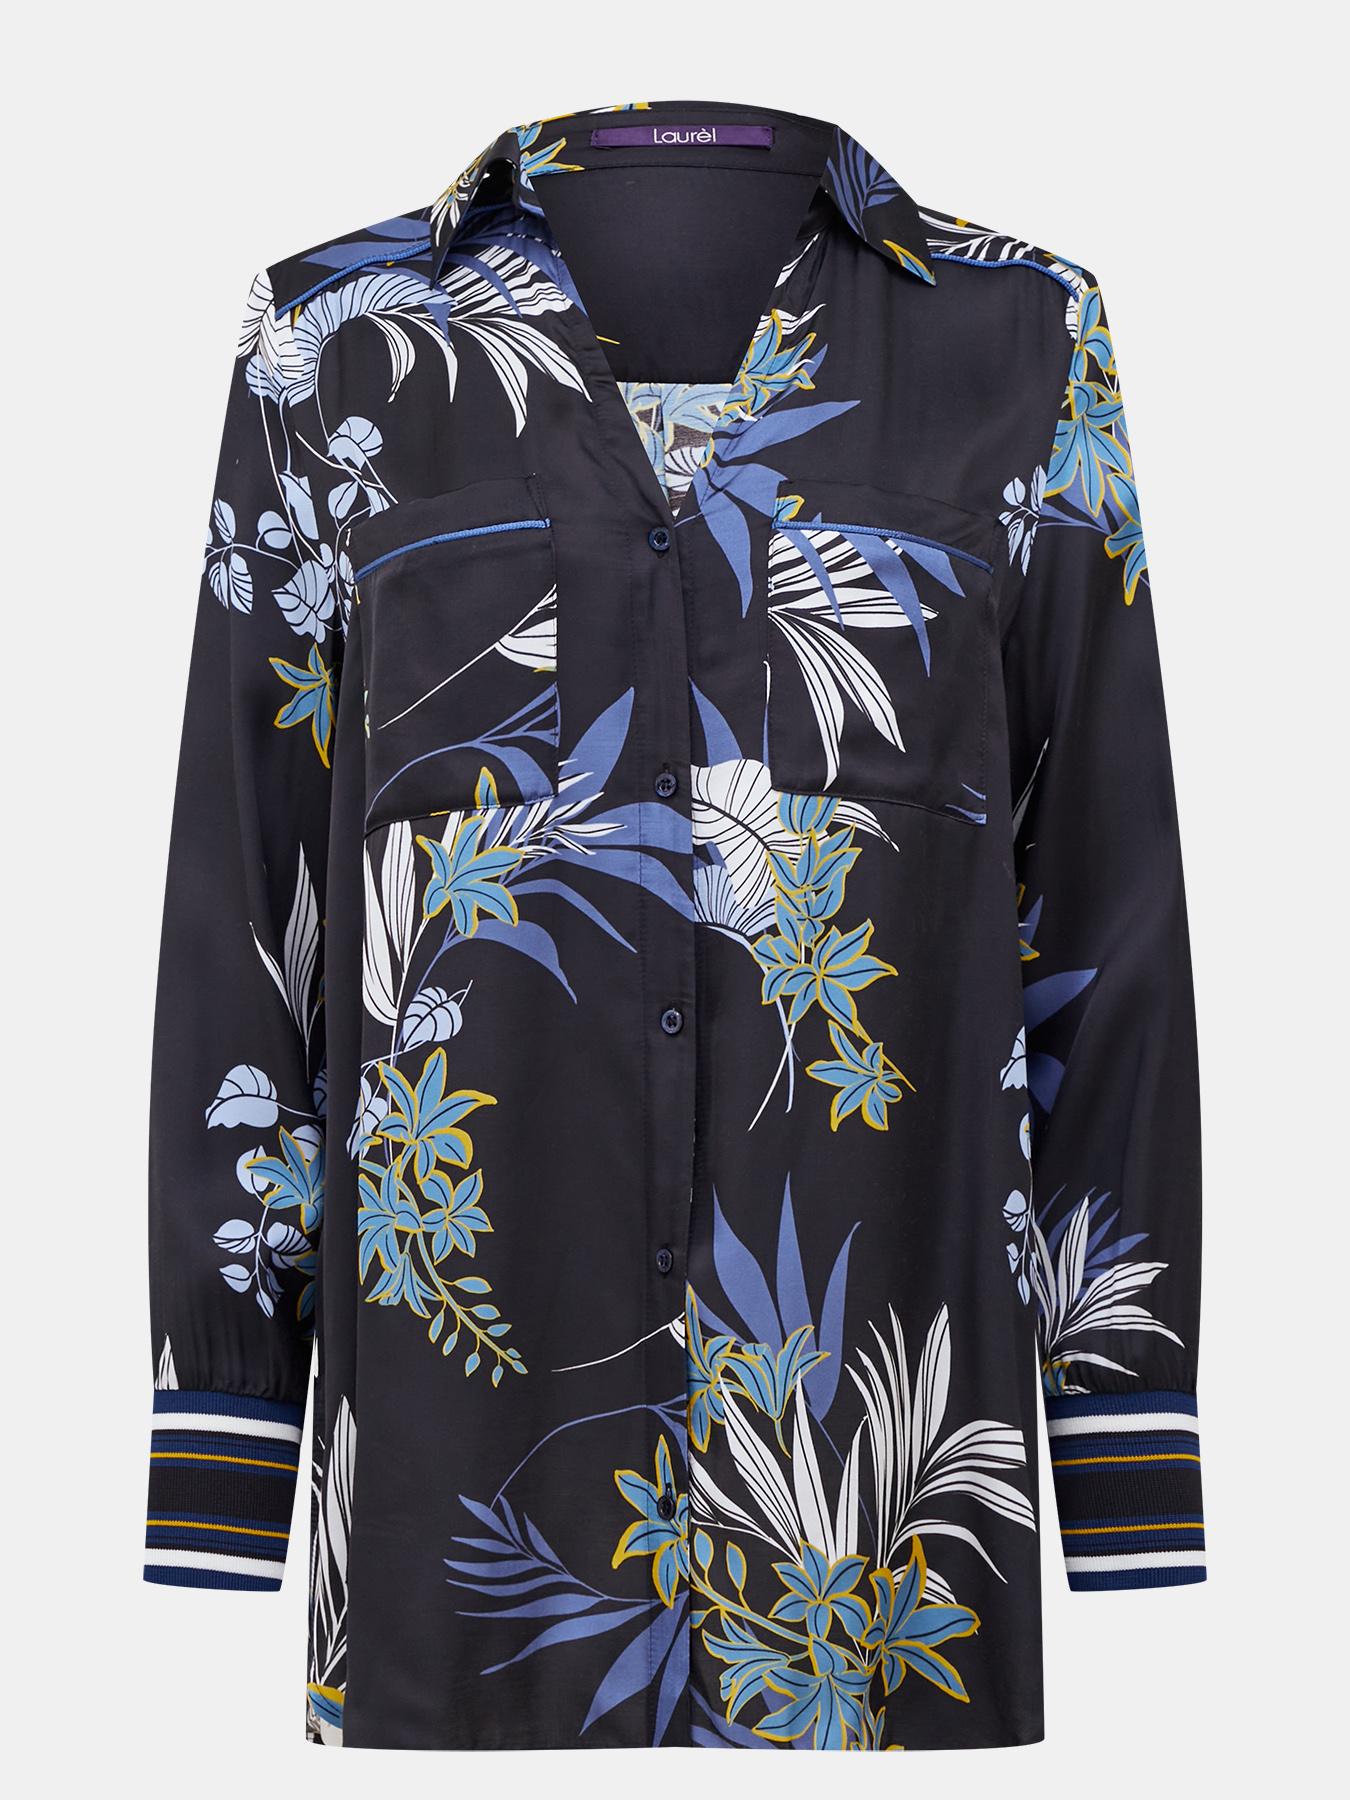 Блузки Laurel Блузка блузка helmidge блузка